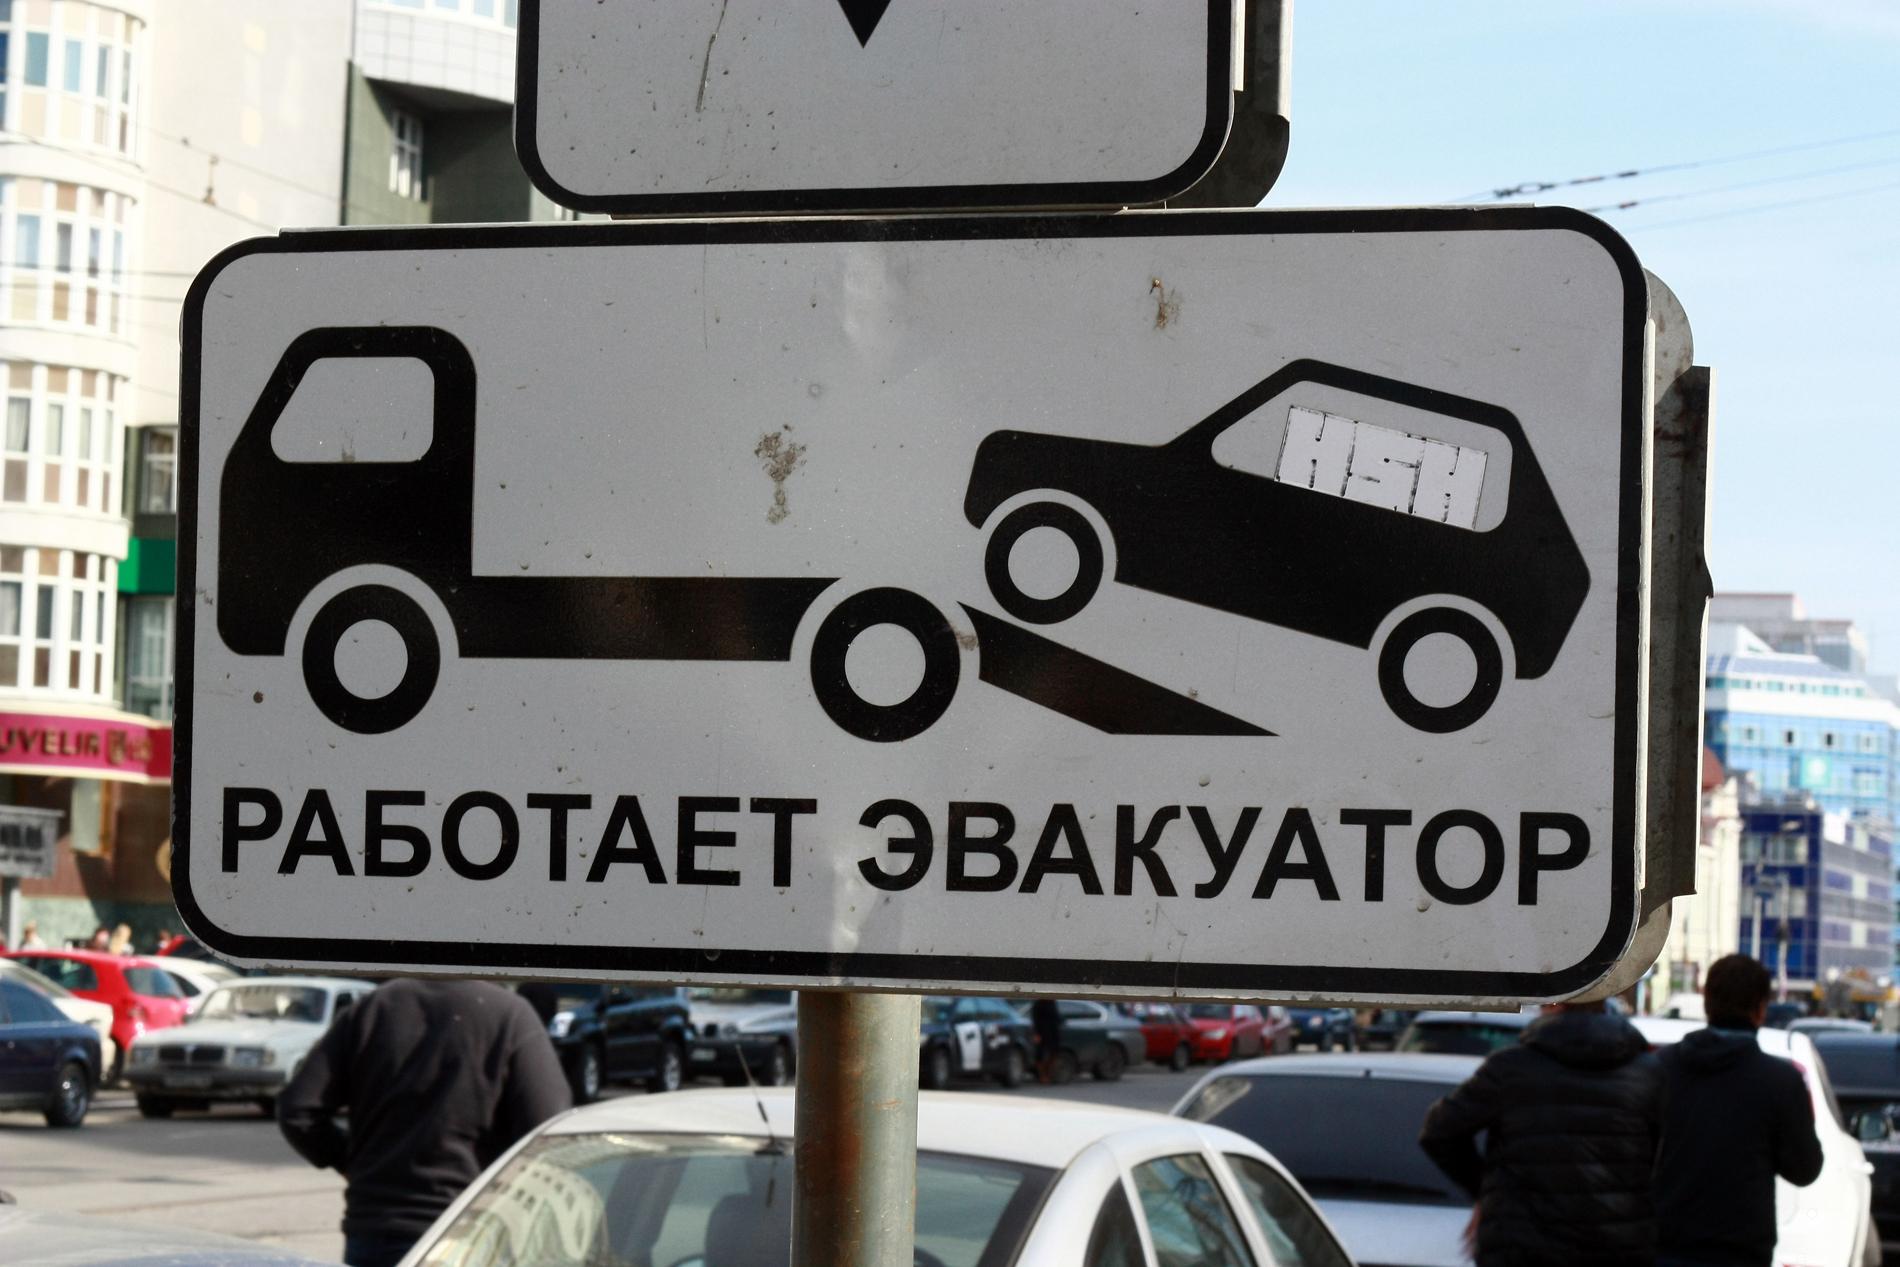 Всем ребятам пример: автоэвакуаторы на улицах города сами нарушают без конца